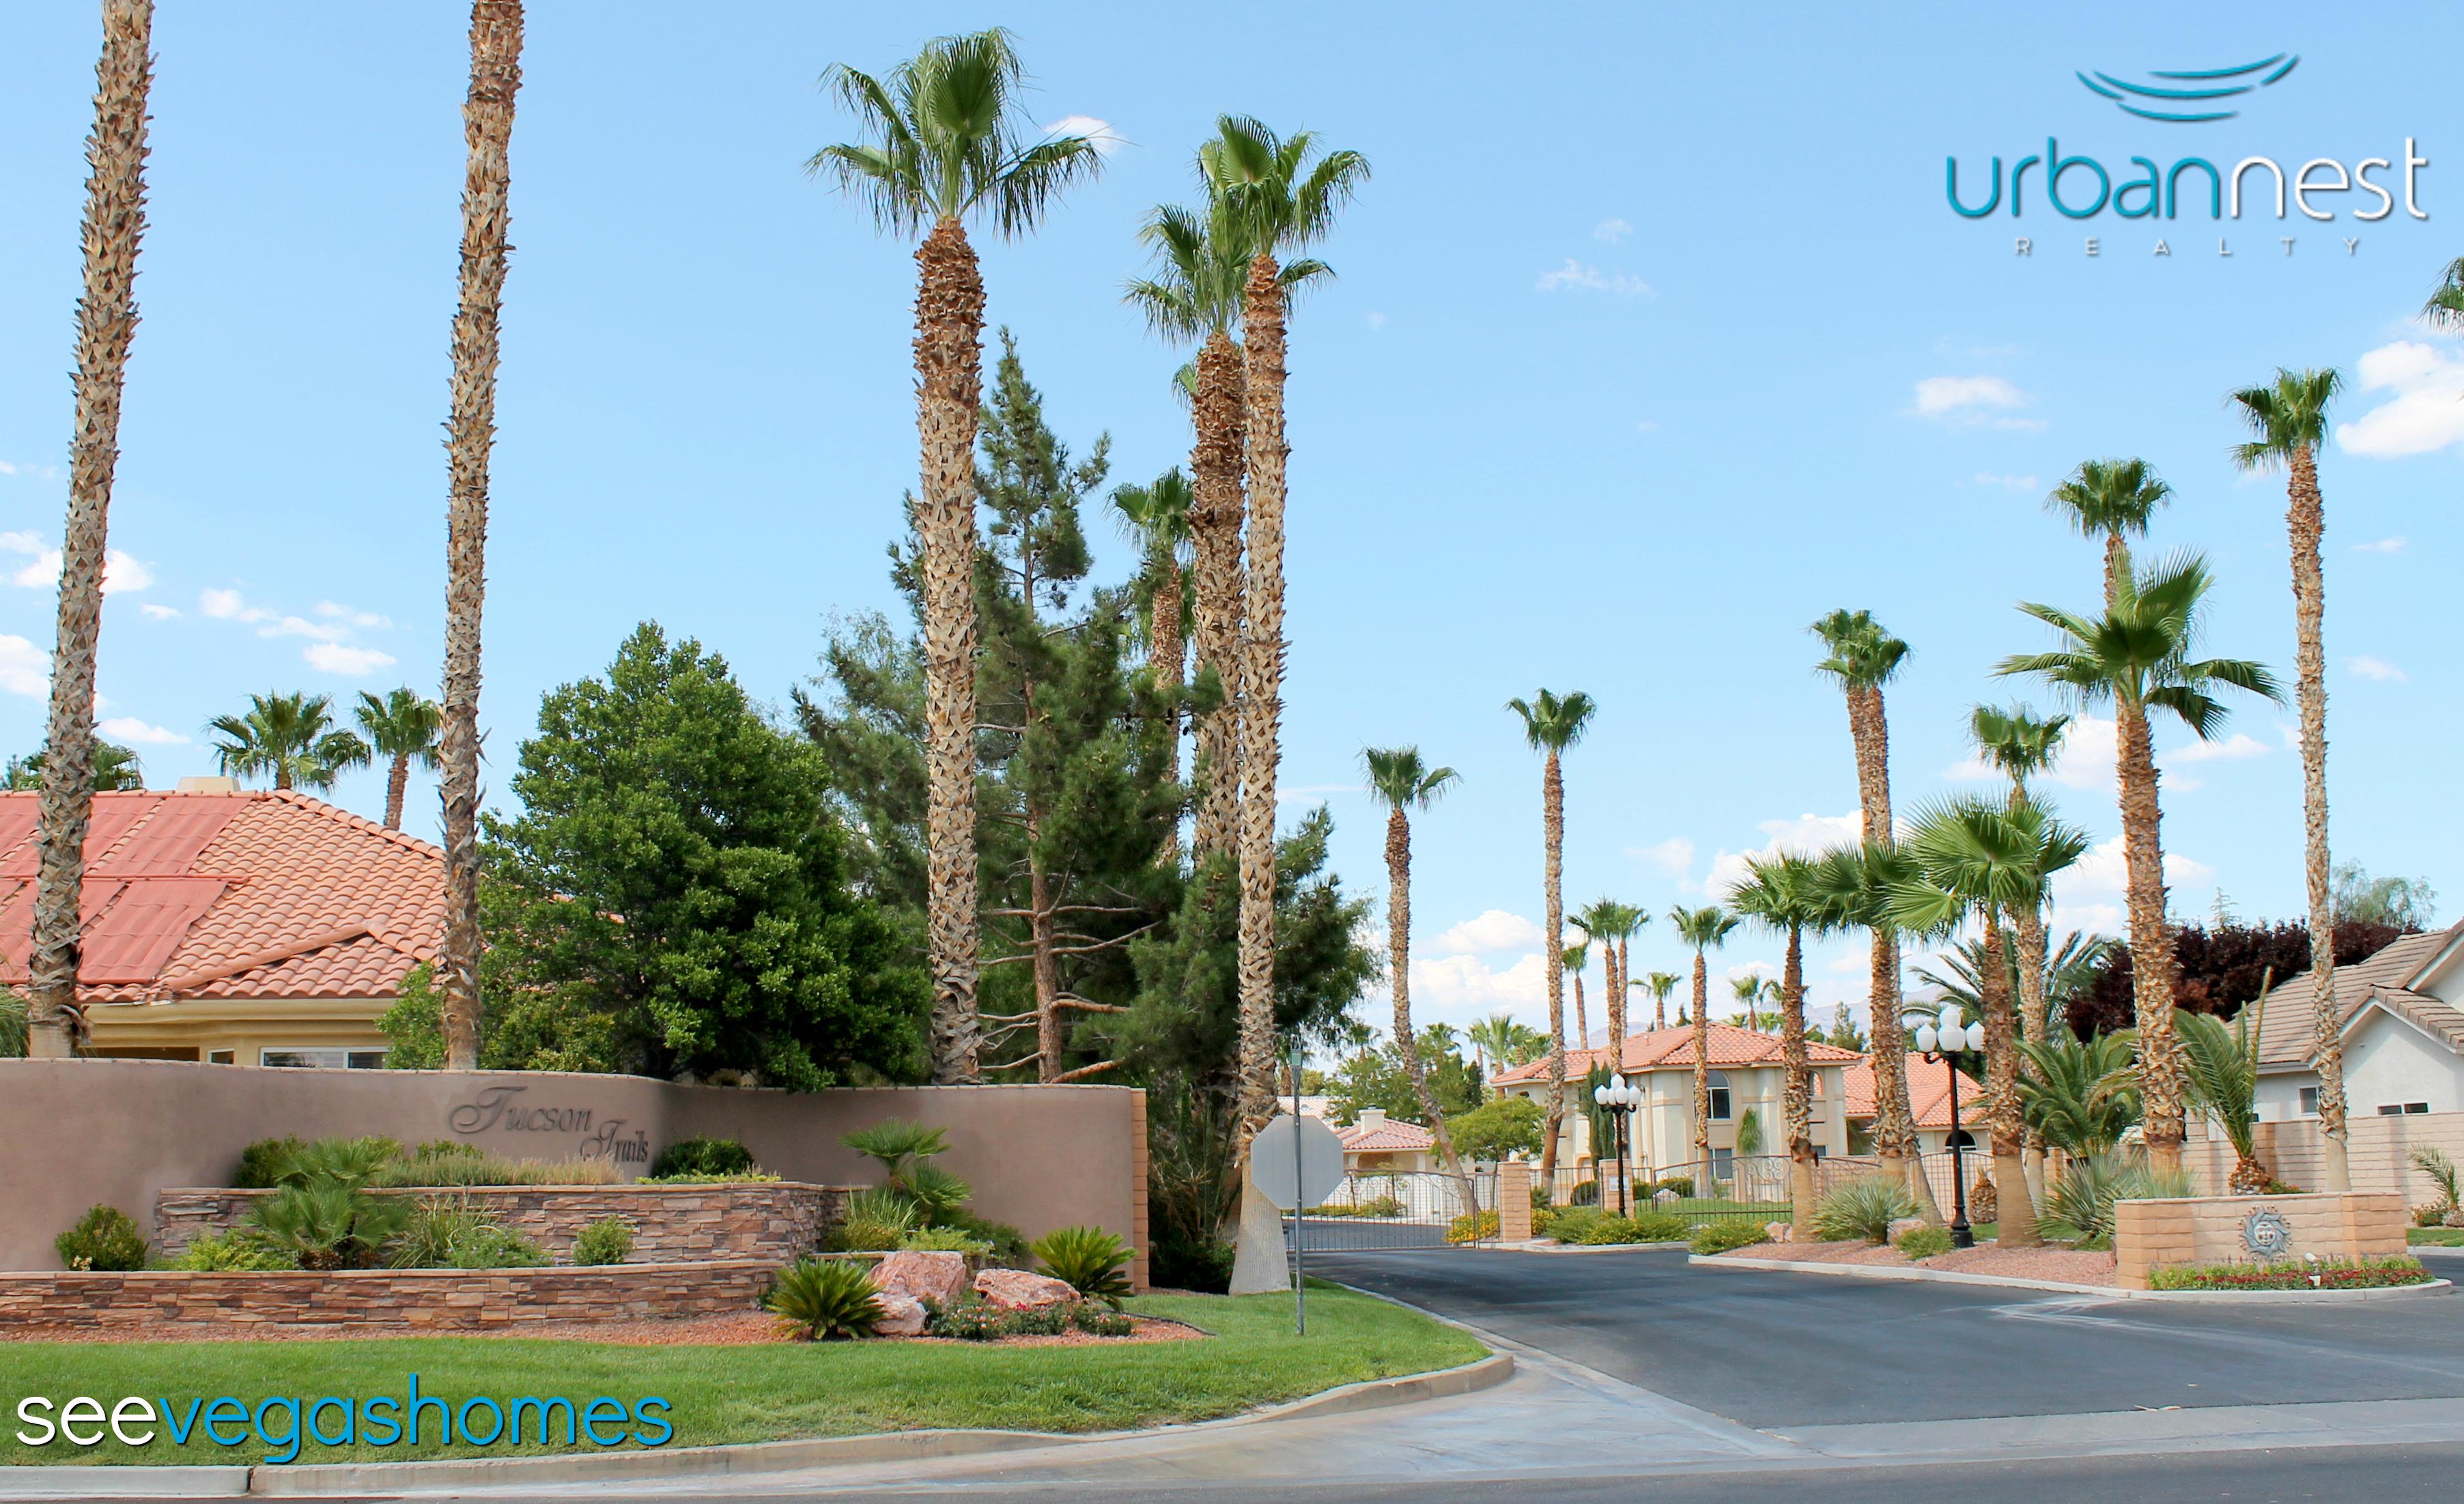 Tucson_Trails_Las_Vegas_NV_89129_SeeVegasHomes